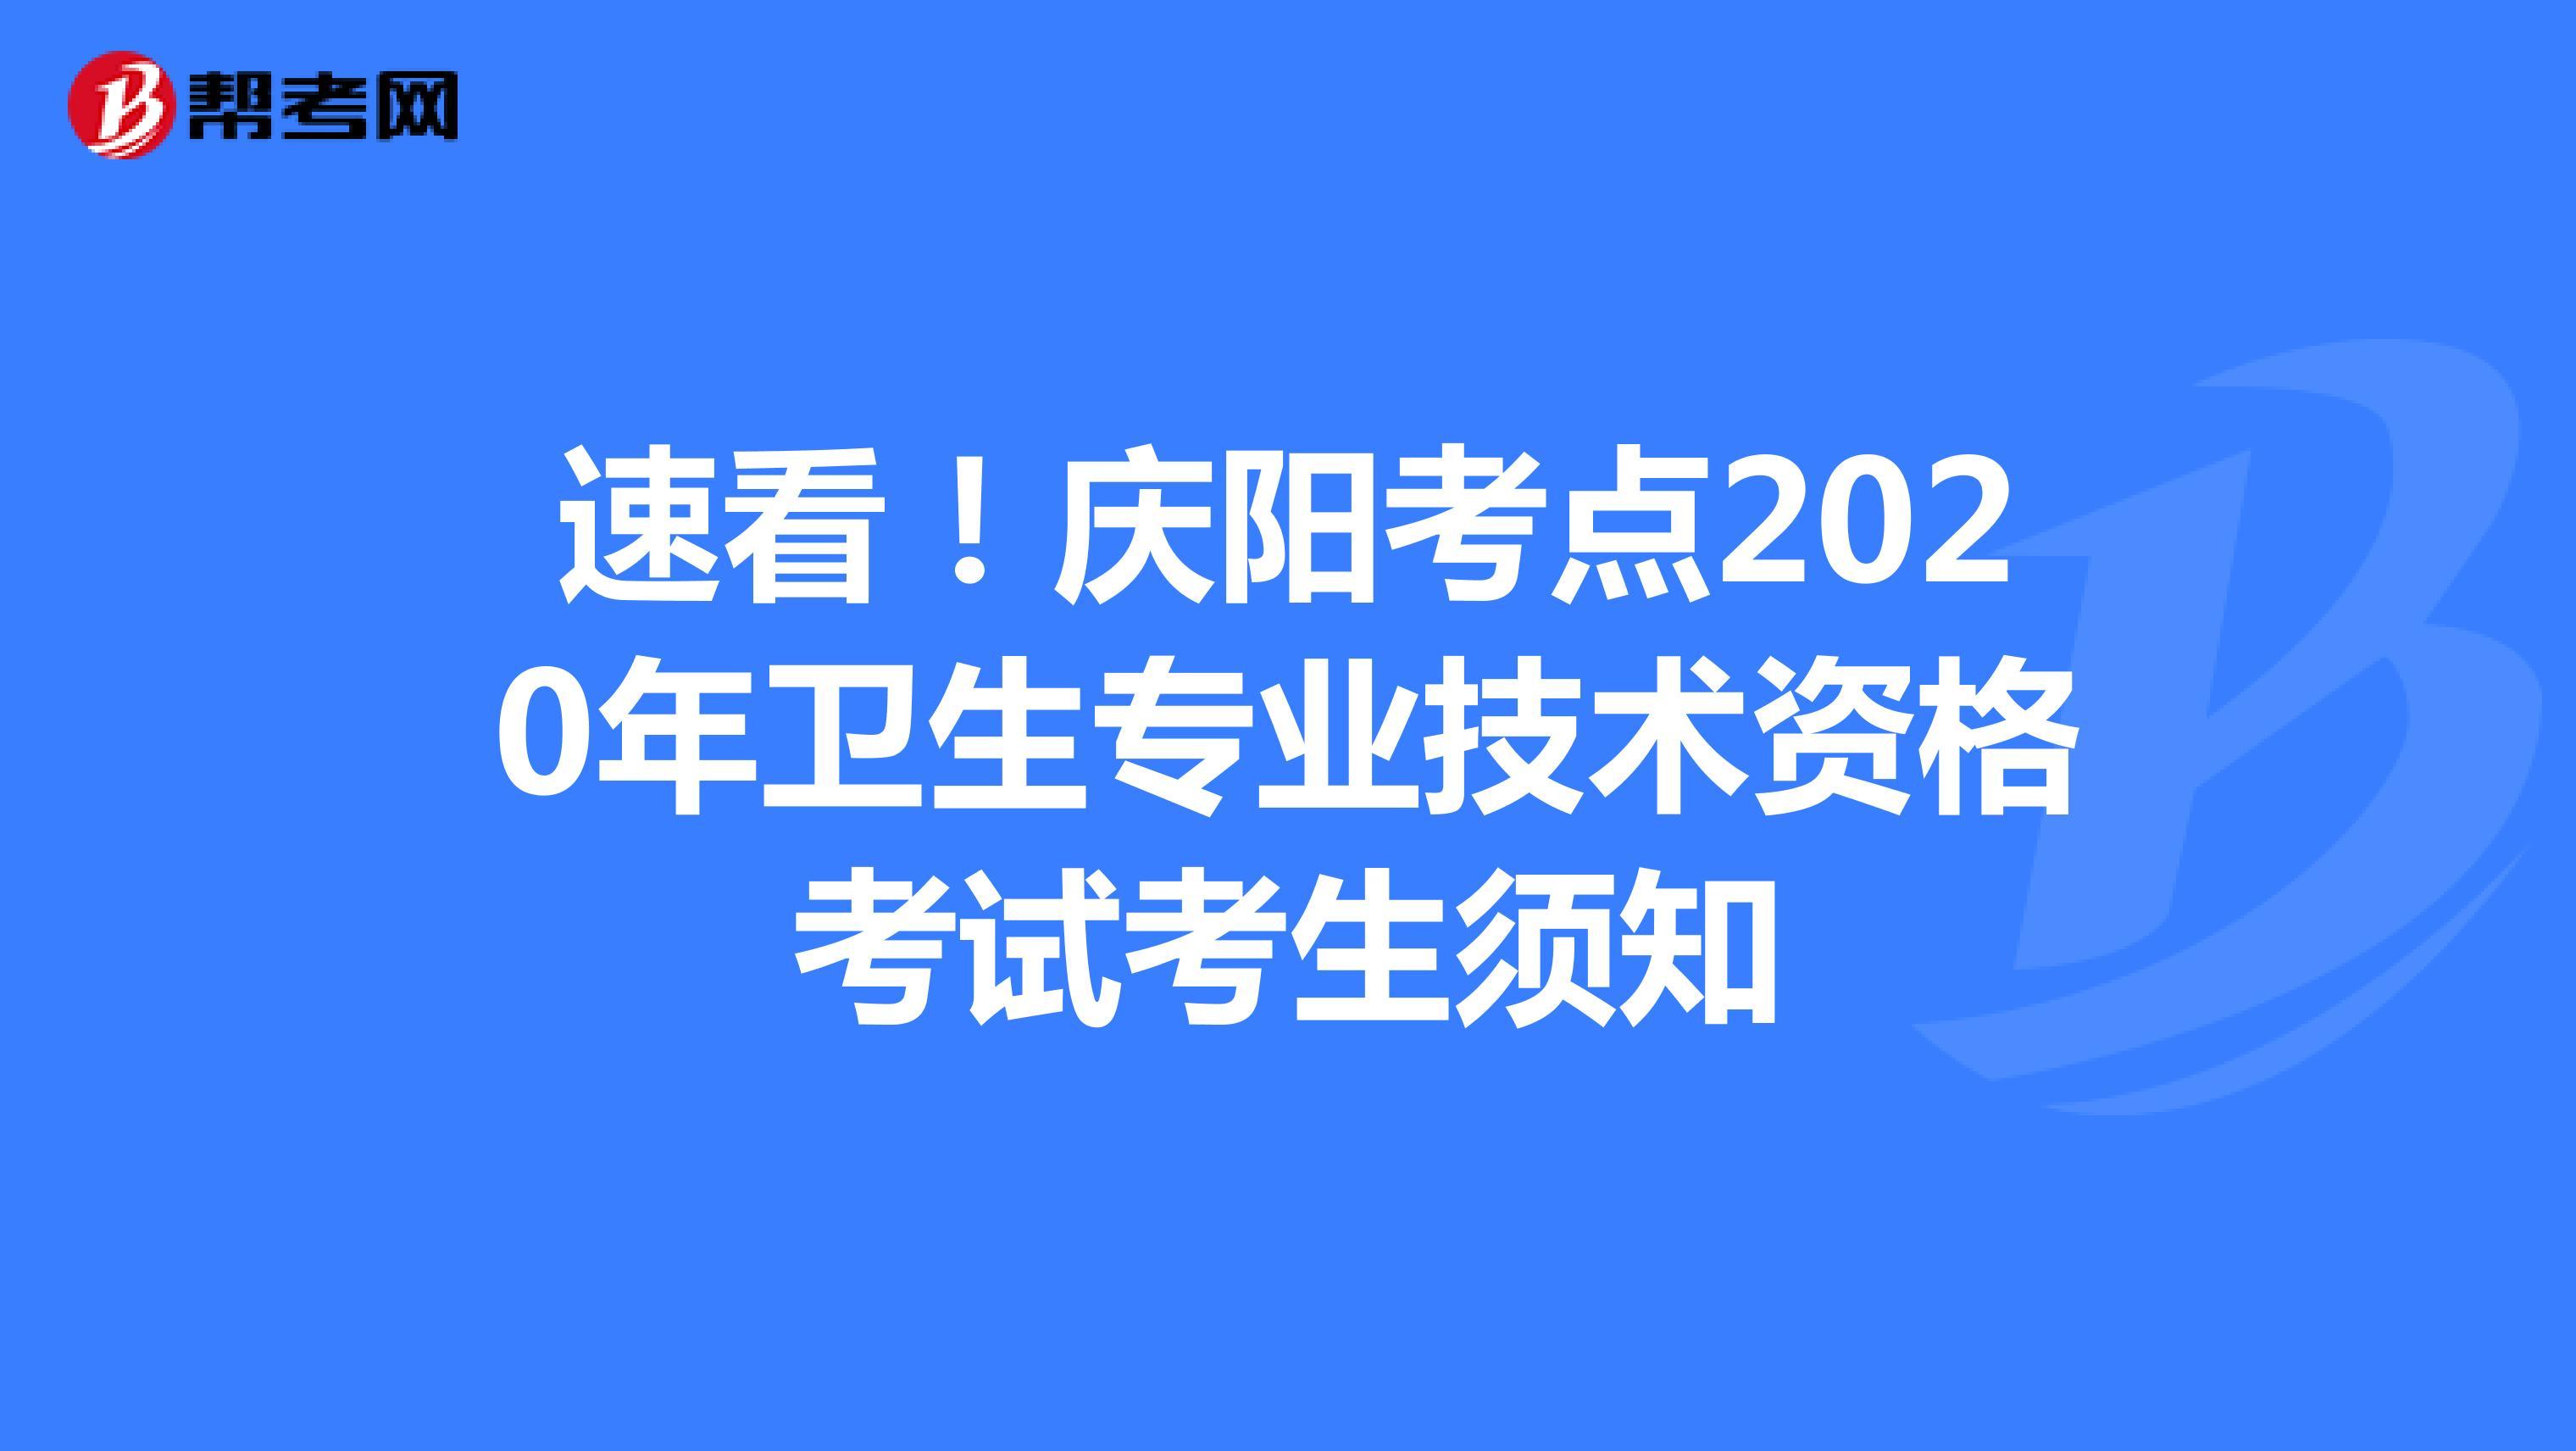 速看!庆阳考点2020年卫生专业技术资格考试考生须知